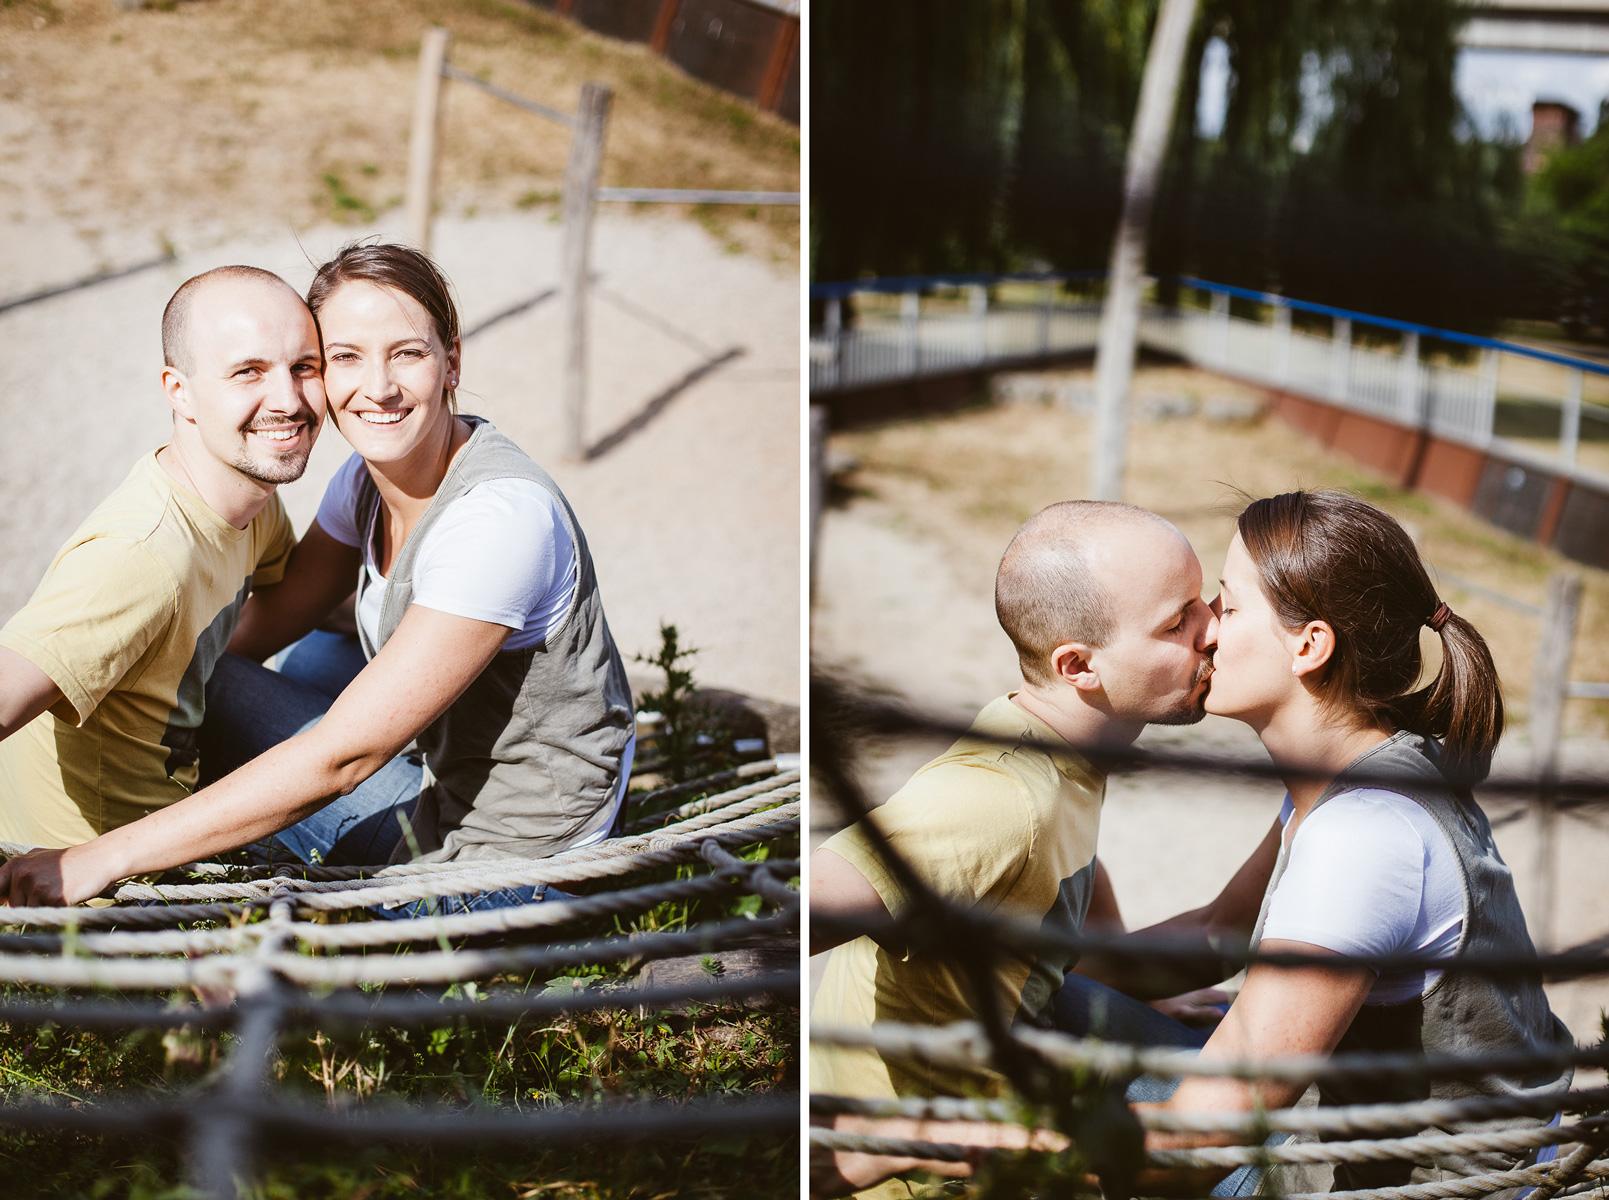 Tina-und-Paul-Engagement-Foto-Avec-Amis-1